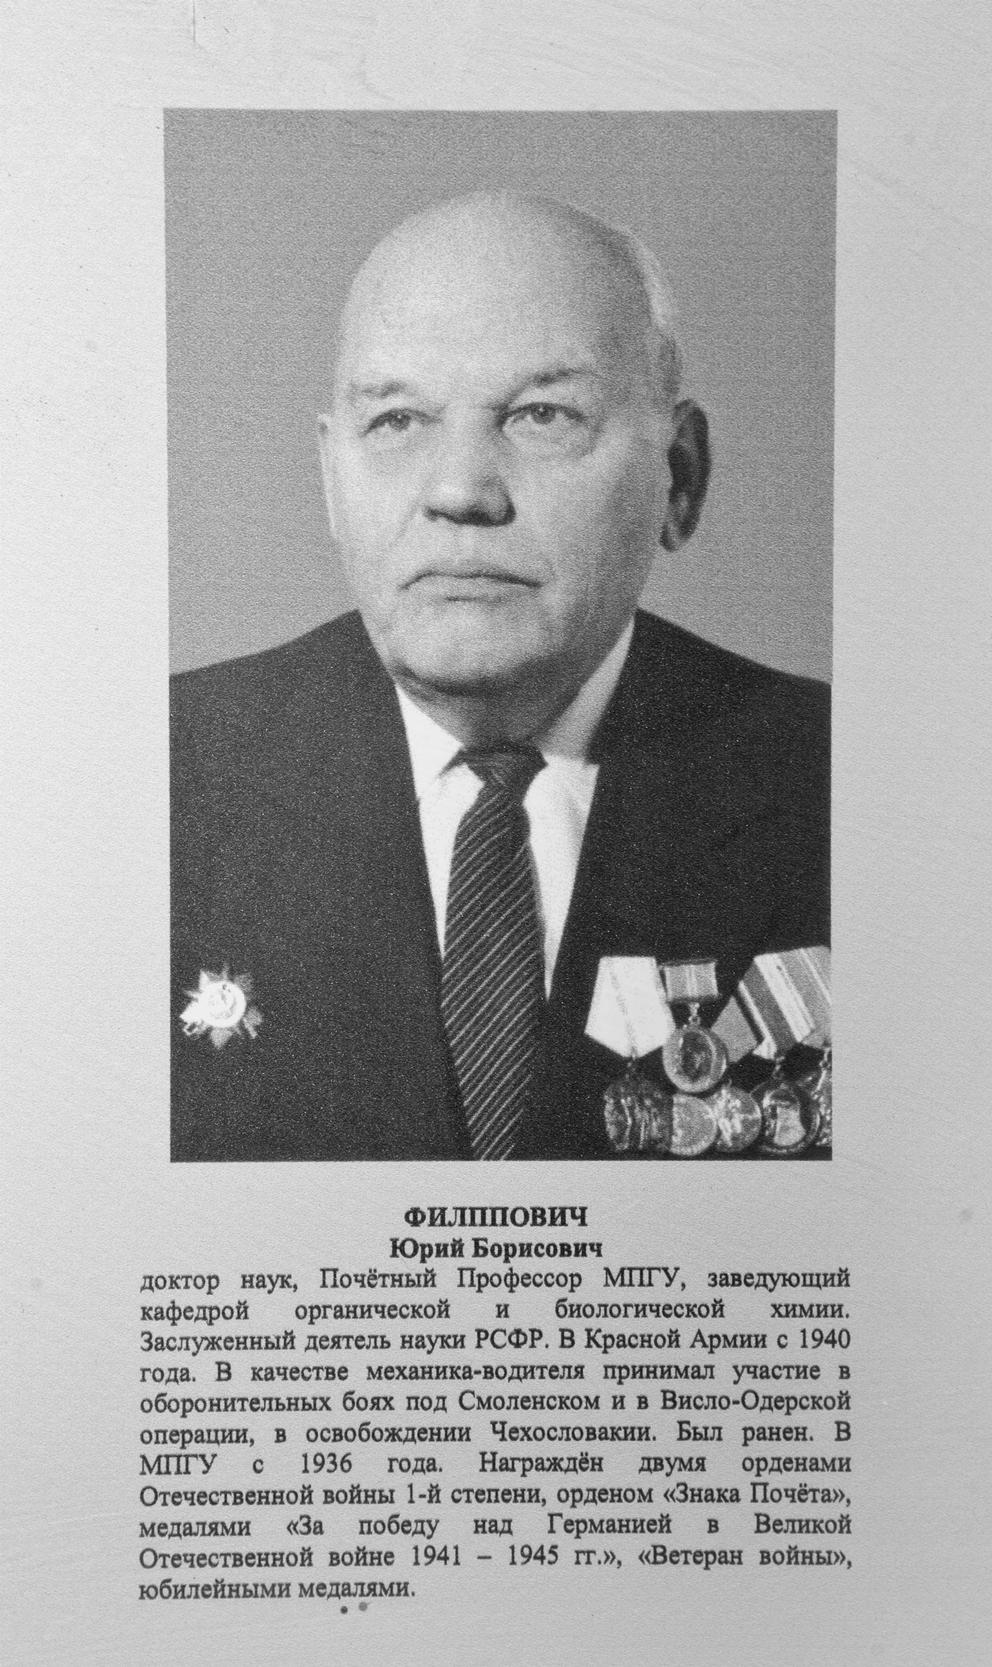 Филиппович Ю.Б.